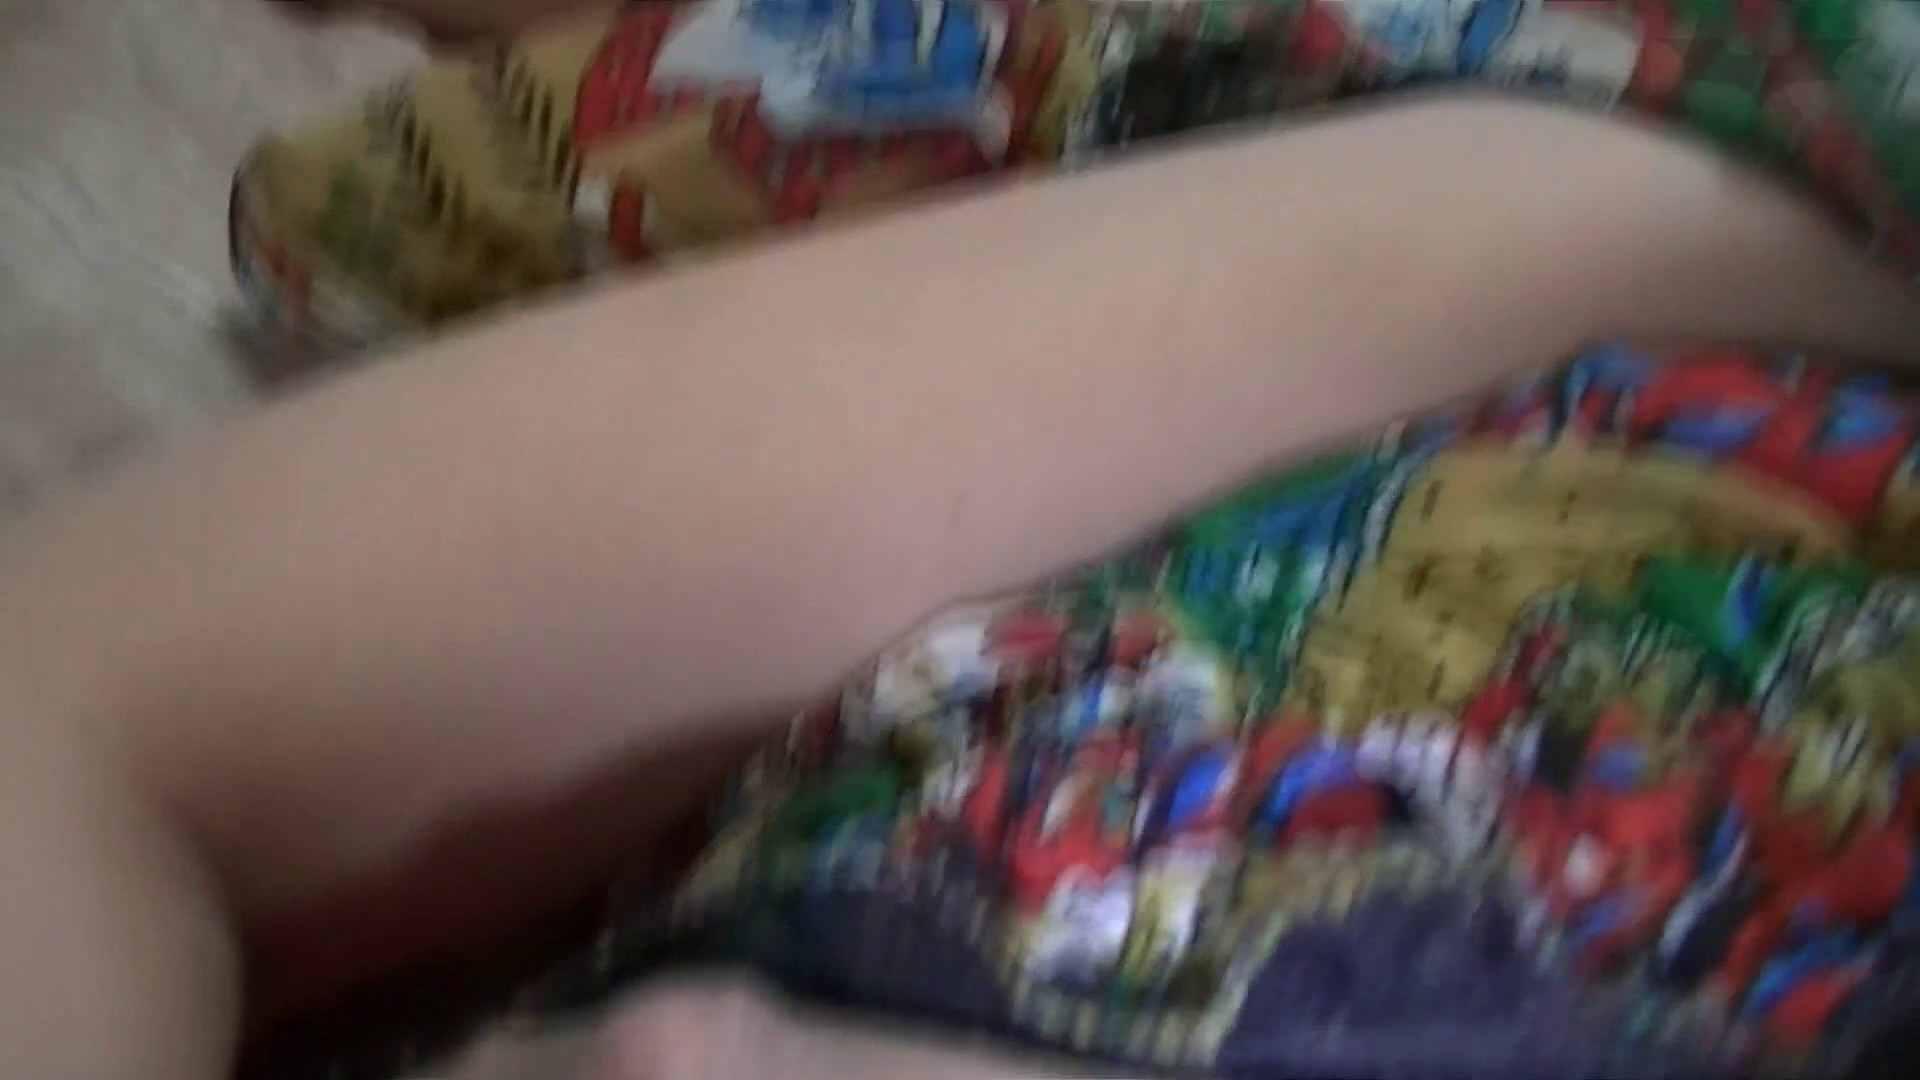 驚異のマン毛採集 五部作合作 美容専門学校生3人組再登場 パンツ | マンコ特集  89連発 58